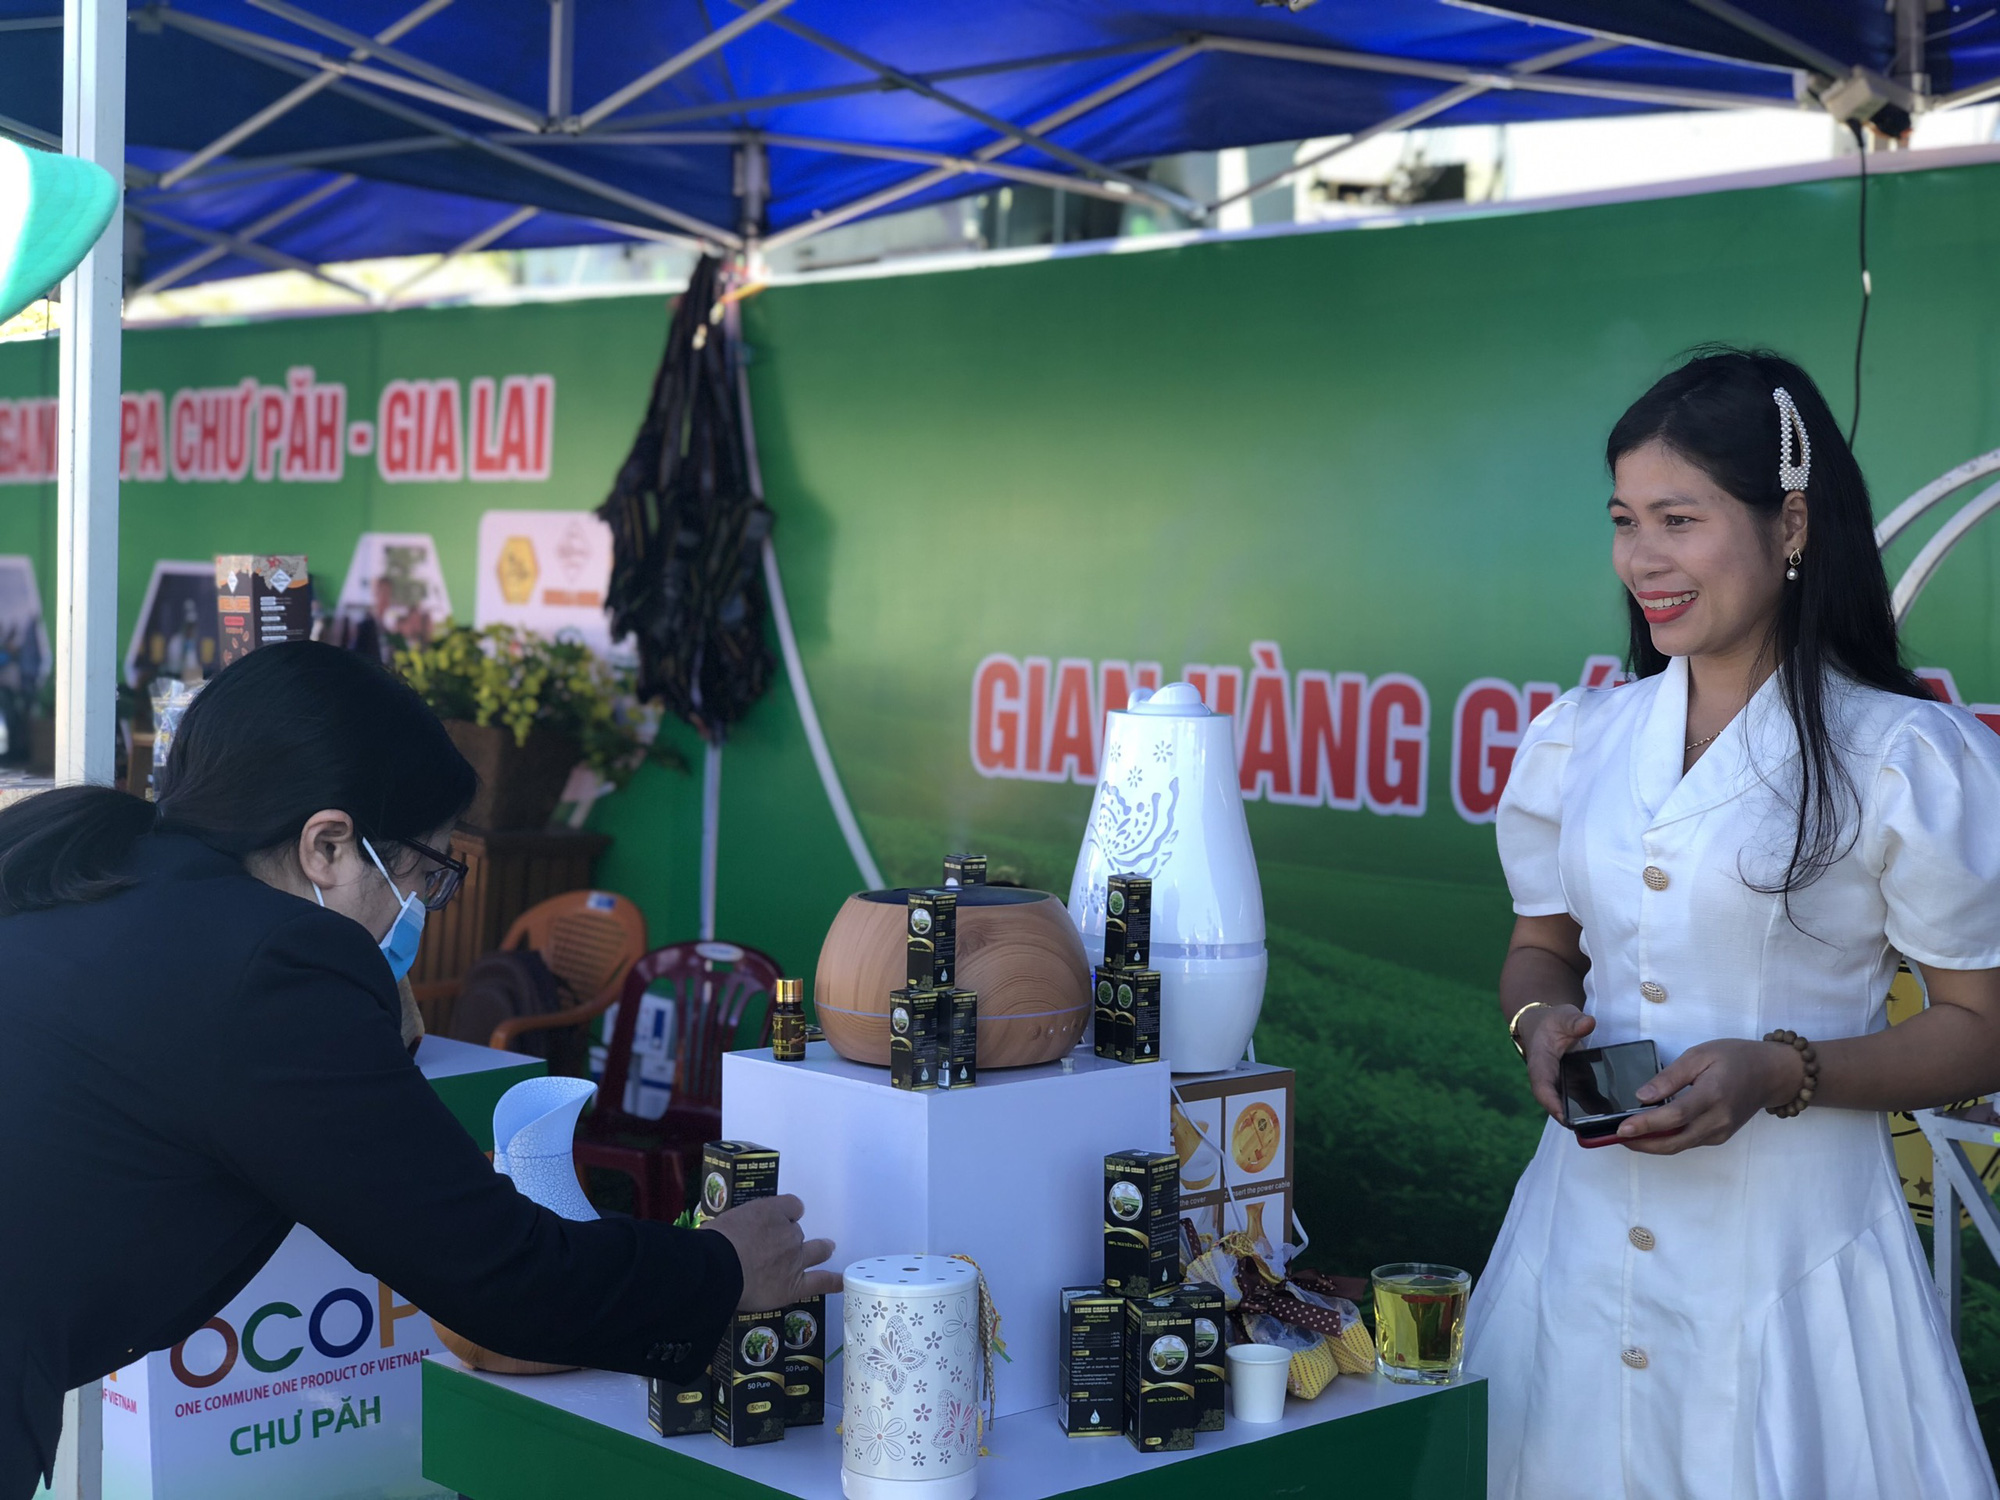 Đa dạng các sản phẩm OCOP tại các lễ hội, kết nối sản xuất với tiêu dùng - Ảnh 5.